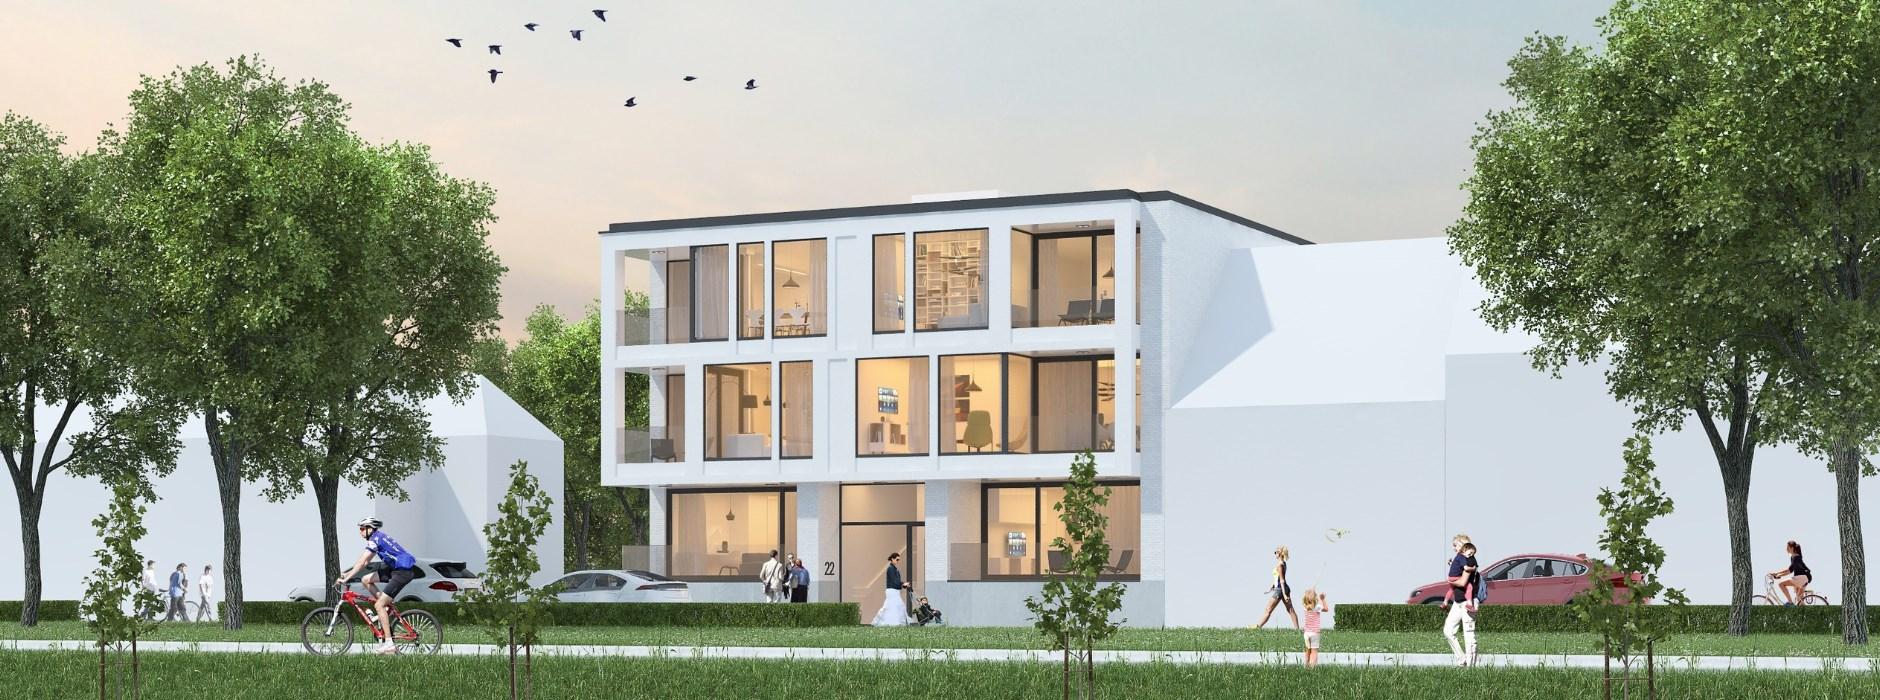 Brugge Residentie Steenkaai